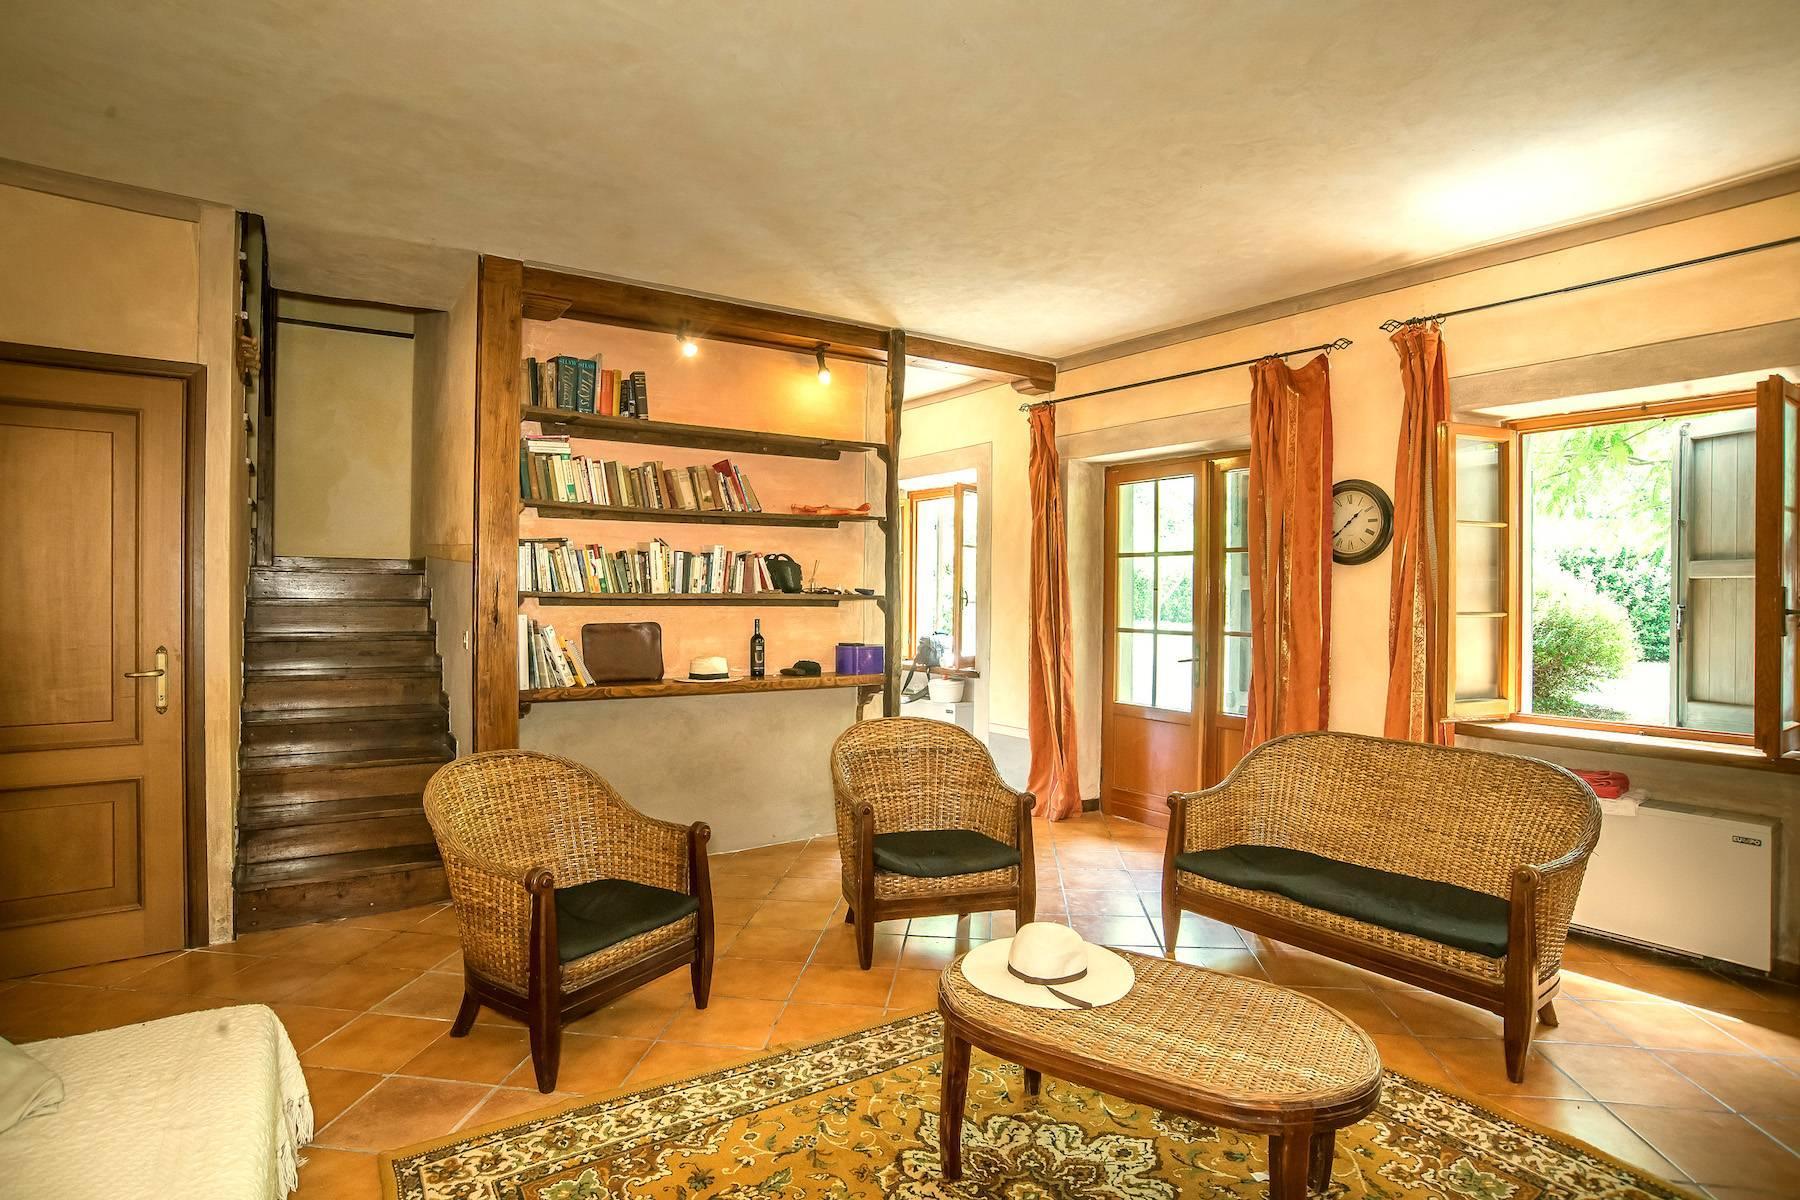 Maison de campagne enchantée sur les collines autour de Lucca - 8